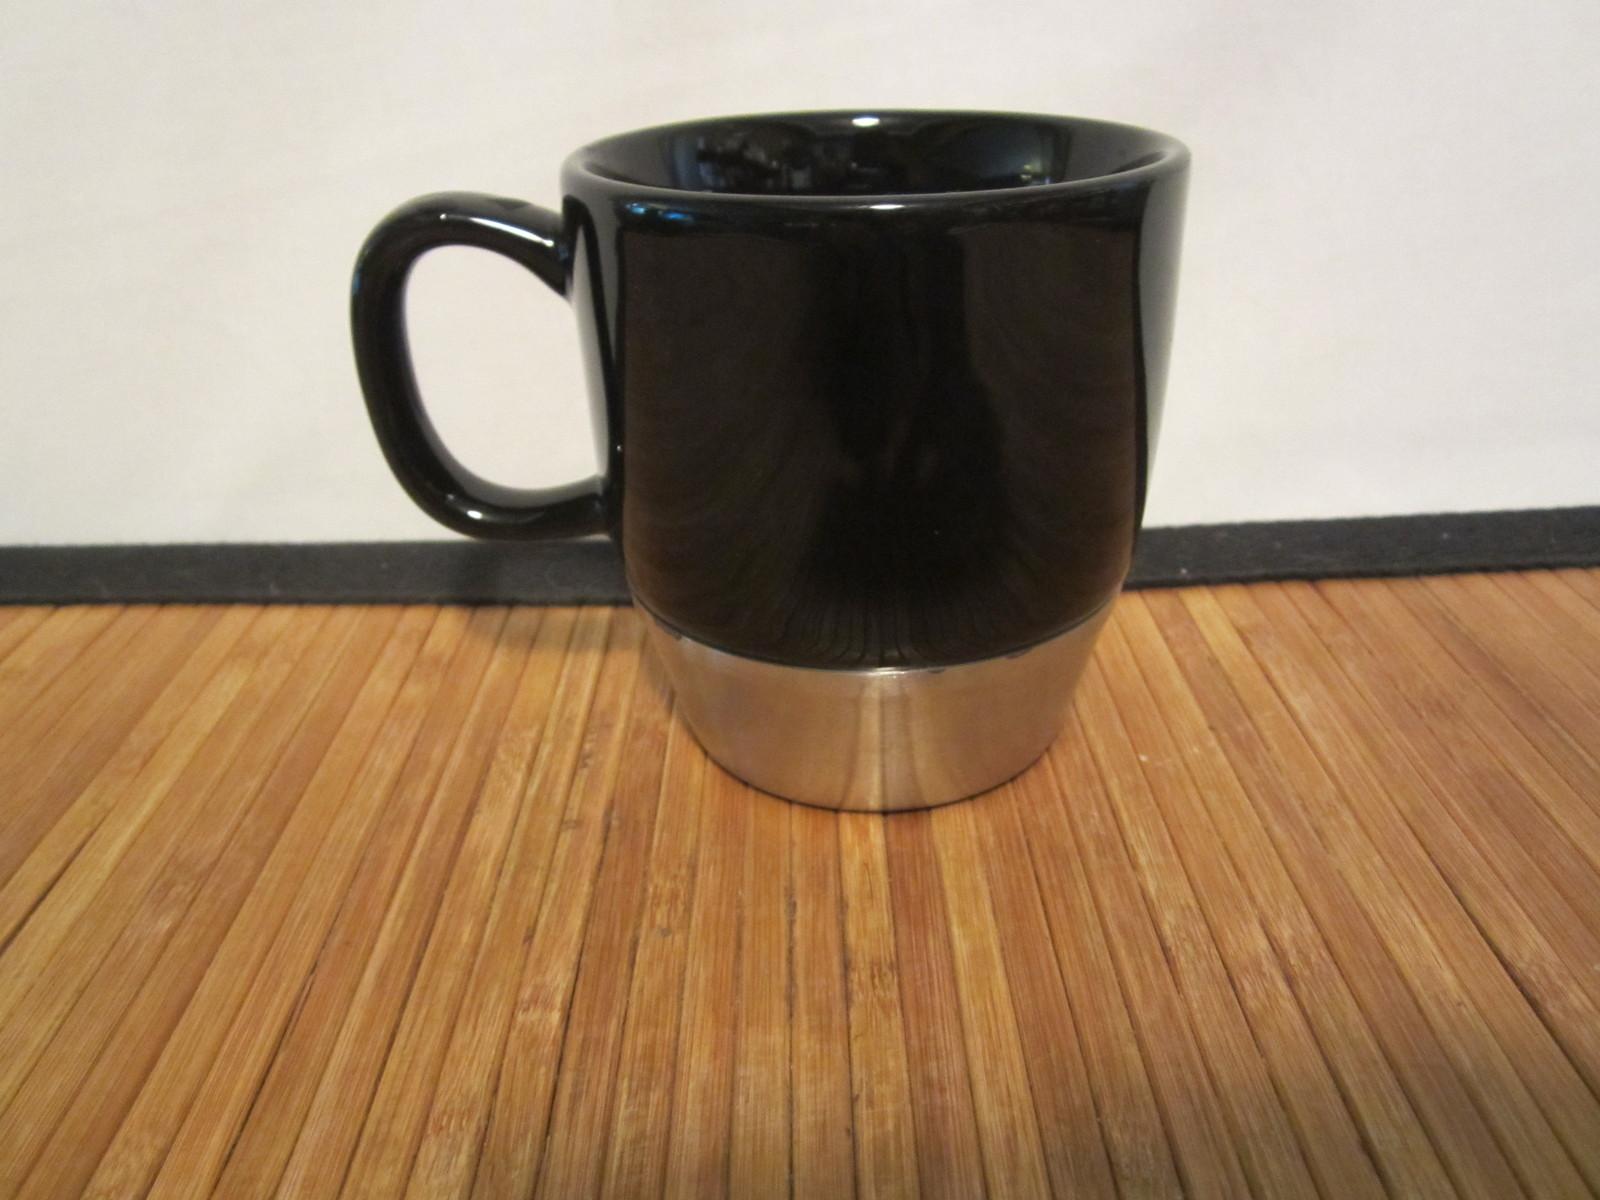 2006 Urban Starbucks Stainless Steel Black Coffee Tea Mug Cup 10 oz - Starbucks